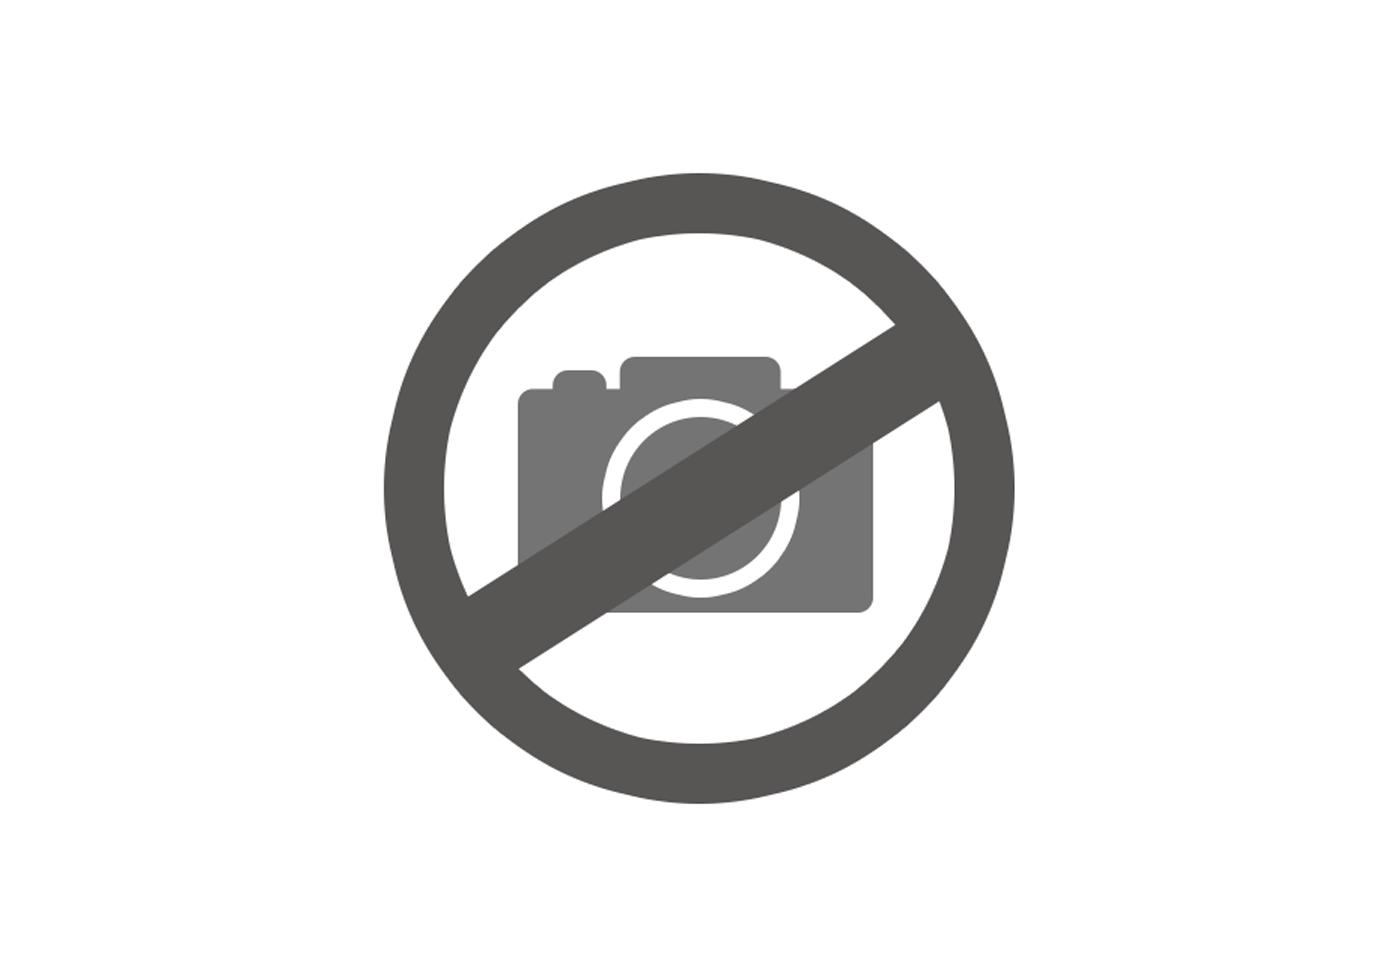 Großartig Dreipolige Schalterverkabelung Fotos - Verdrahtungsideen ...